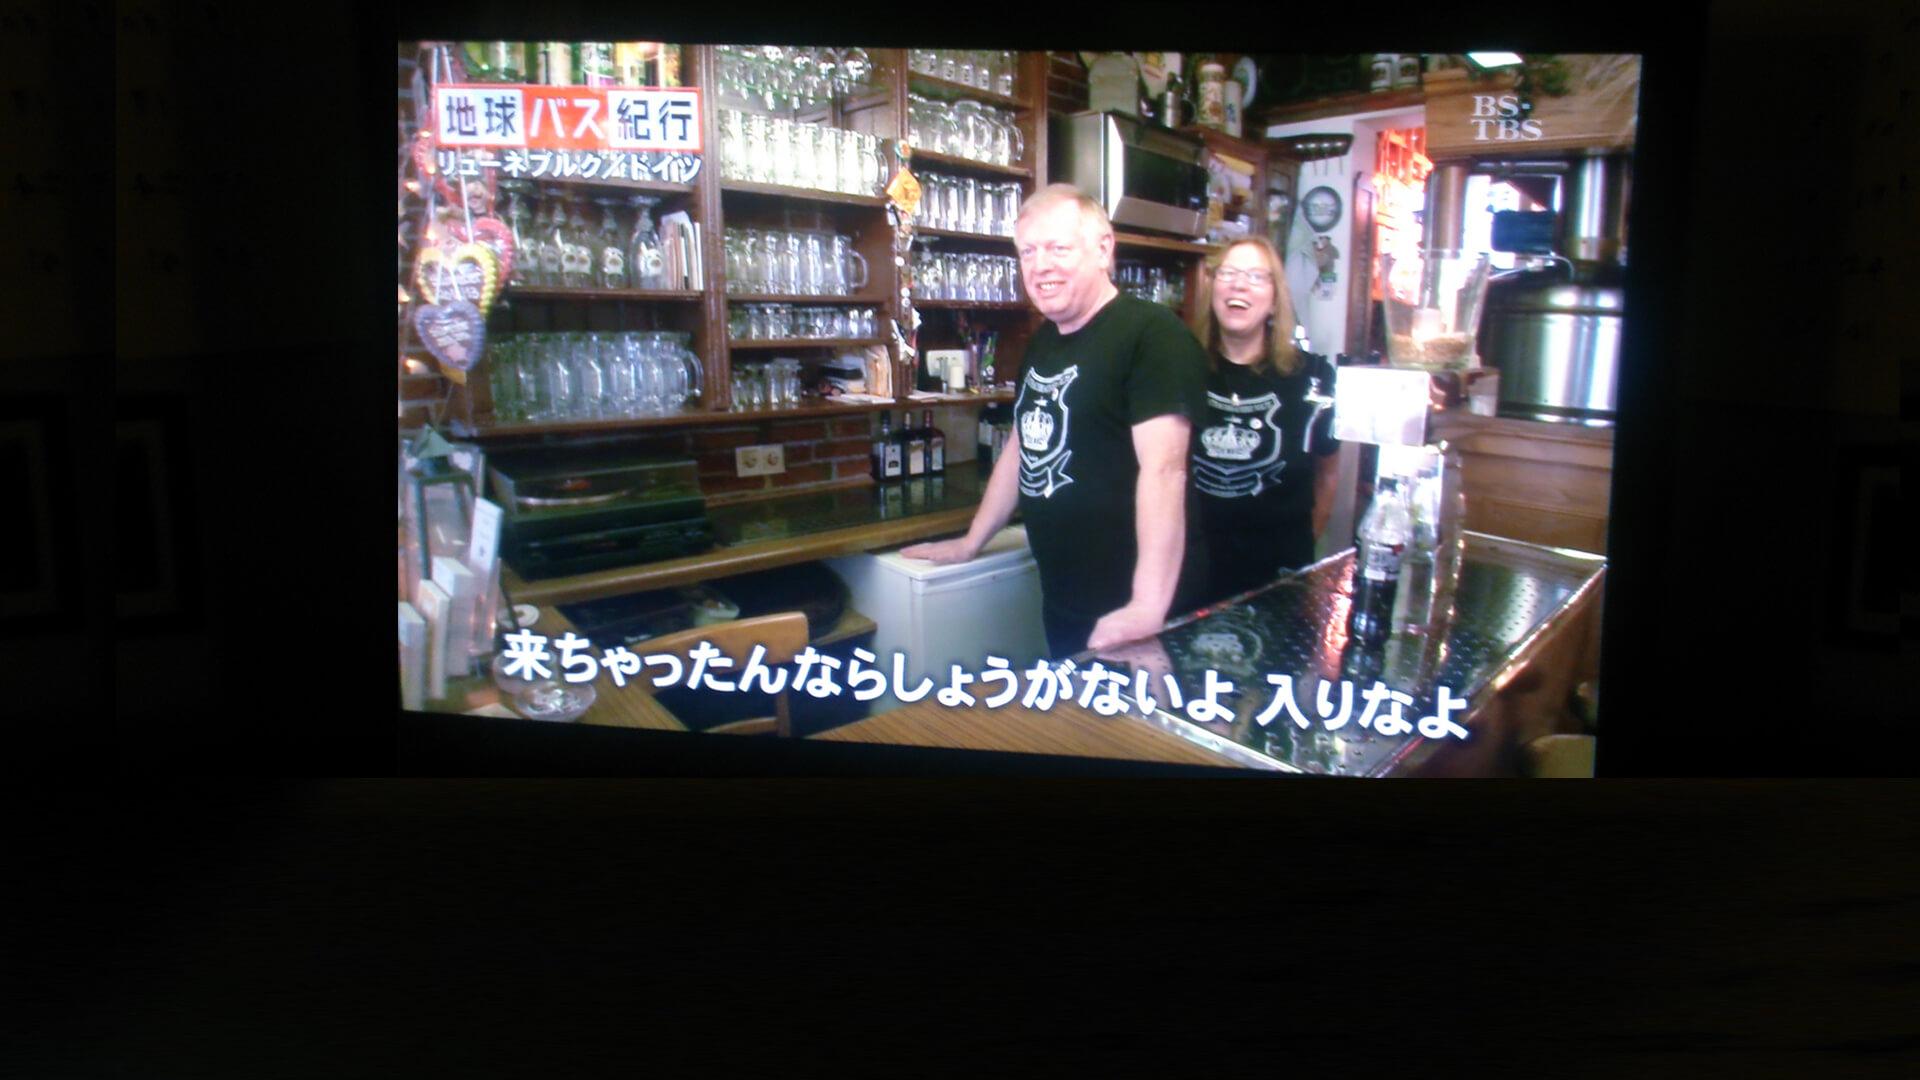 Brauhaus Nolte - Japan-TV